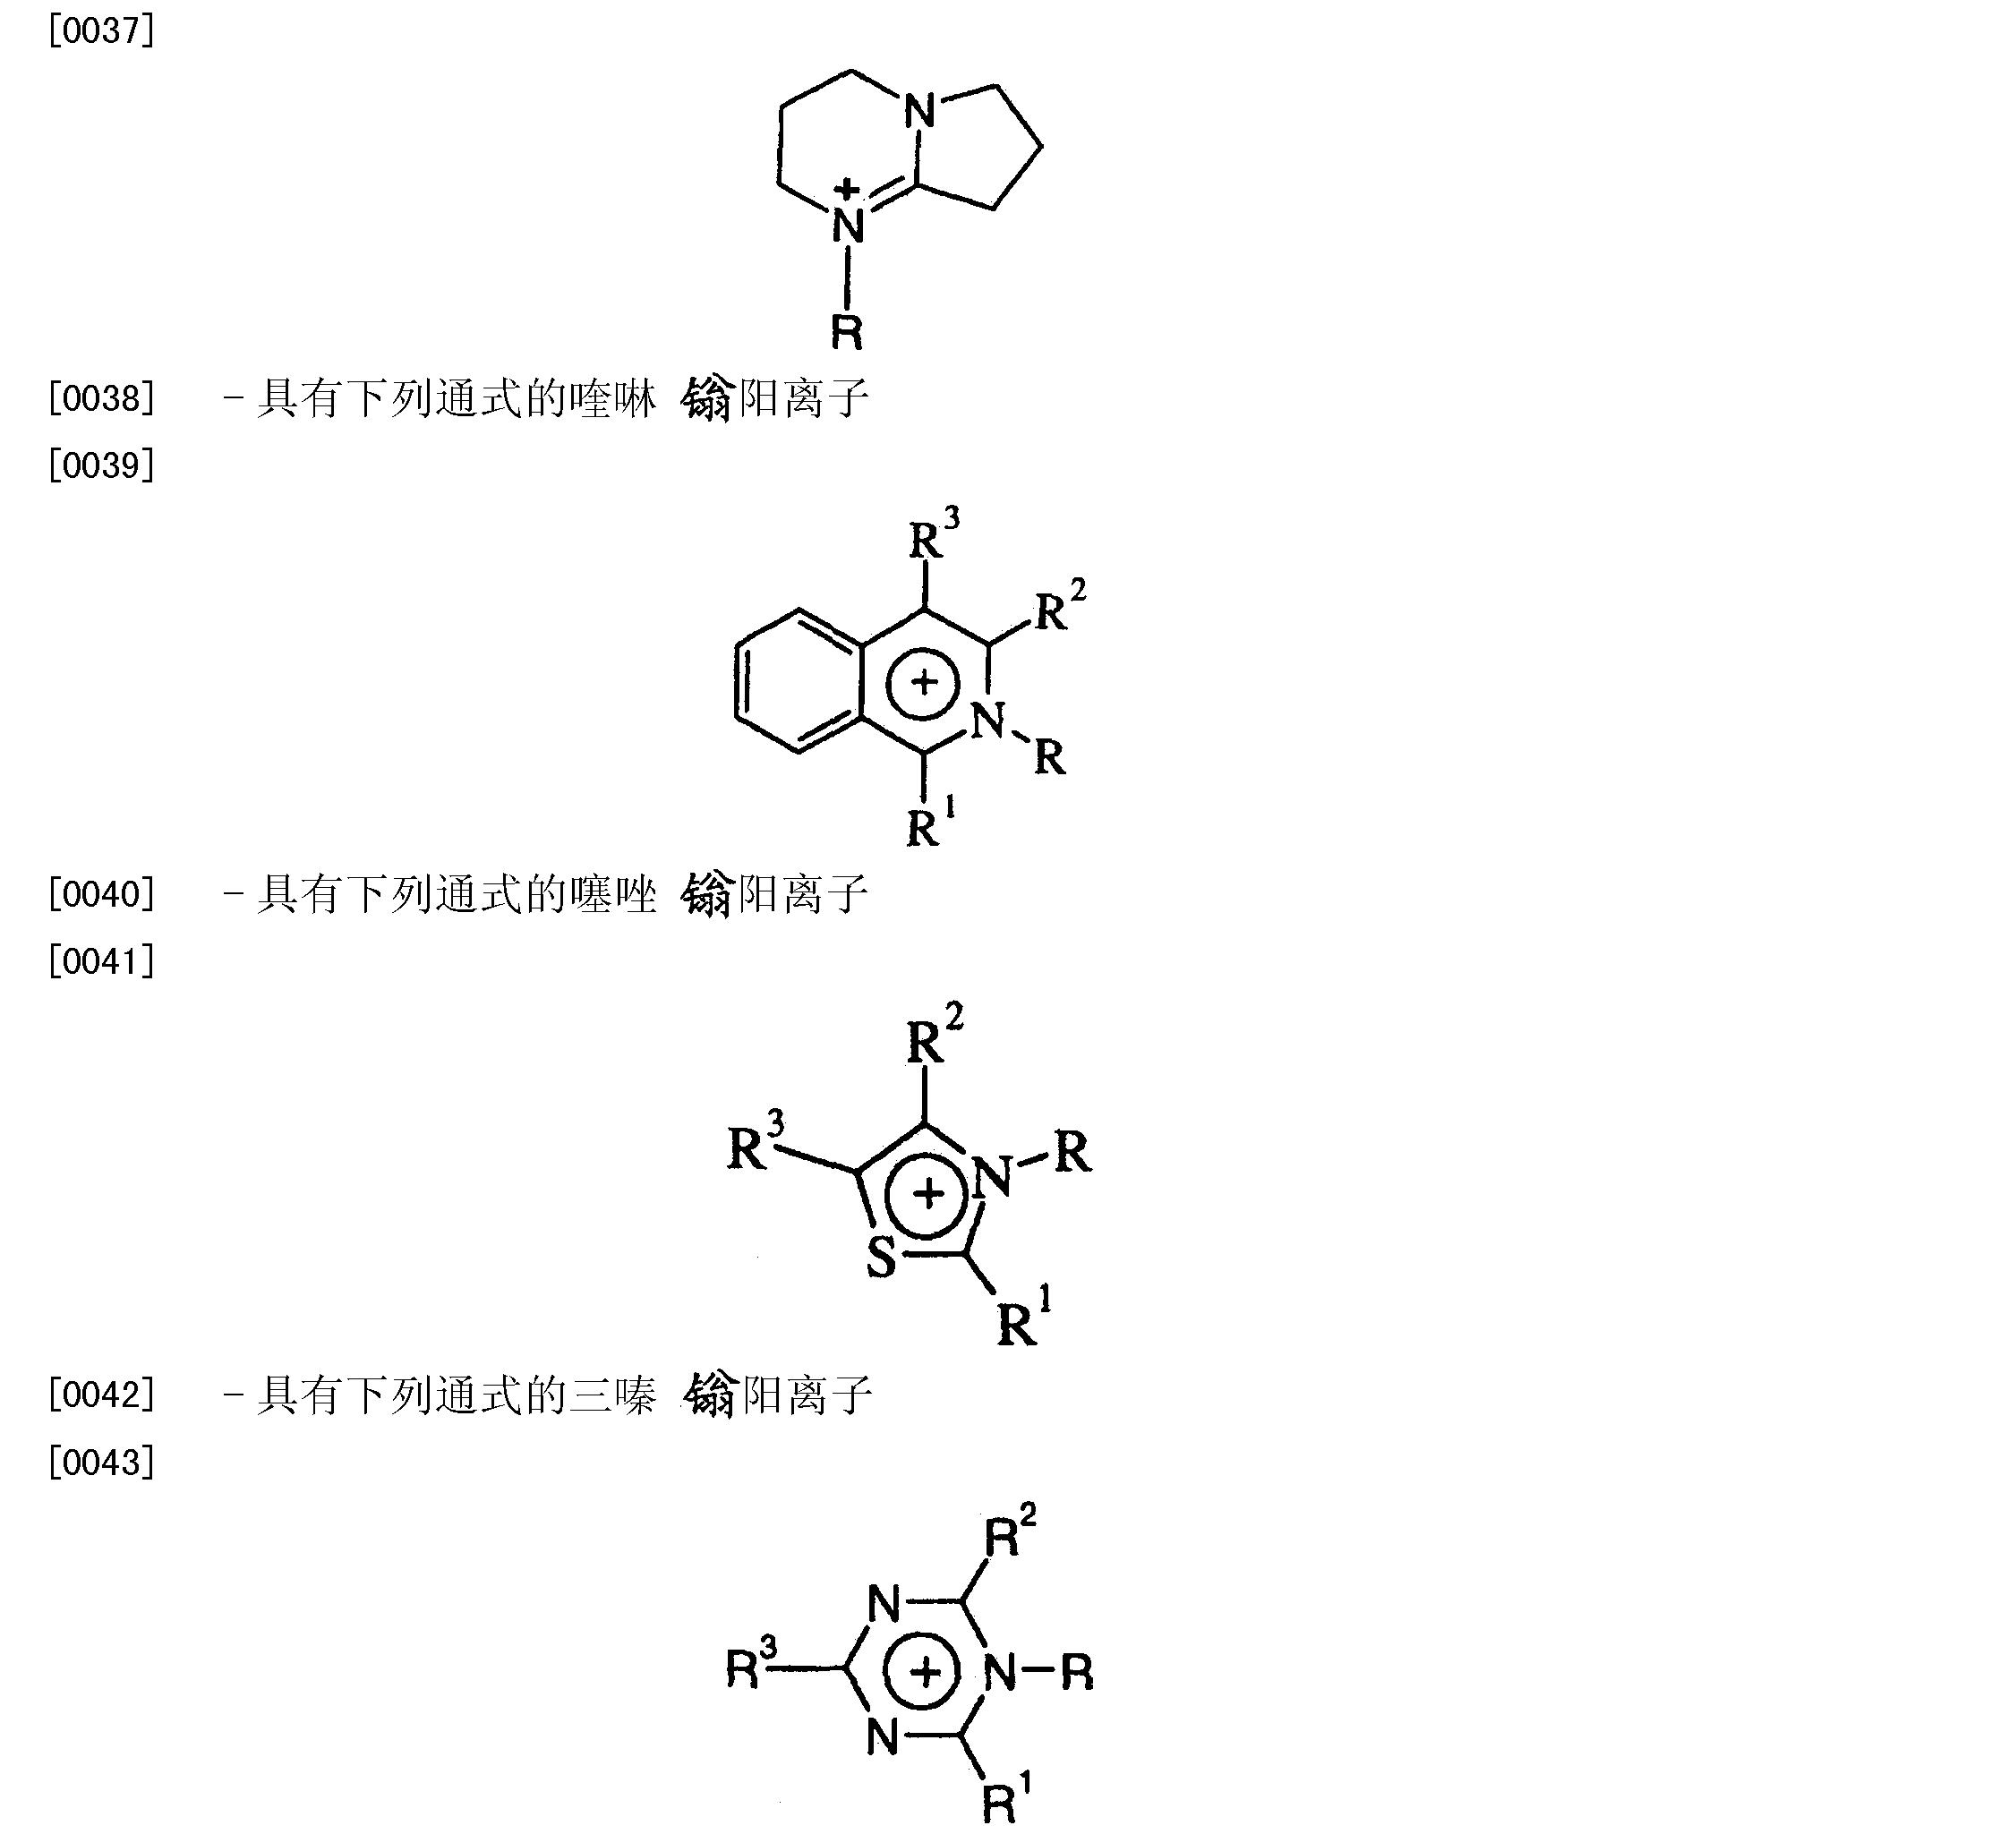 [0044] 以及其中存在这些阳离子的低聚物和聚合物,其中基团R、R1、R2、R3、R4、R5、R6、R7、 R8和R9各自独立地为氢、C1-C18烷基、C6-C12芳基、C5-C12环烷基、可以被一个或多个氧和/ 或硫原子和/或一个或多个取代或未取代的亚氨基间隔的C2-C18烷基、或者五元或六元含氧、氮和/或硫的杂环或者其中两者一起形成不饱和的、饱和的或芳族的环,所述环可以被一个或多个氧和/或硫原子和/或一个或多个取代或未取代的亚氨基间隔,其中提到的每一个基团可以被官能团、芳基、烷基、芳氧基、烷氧基、